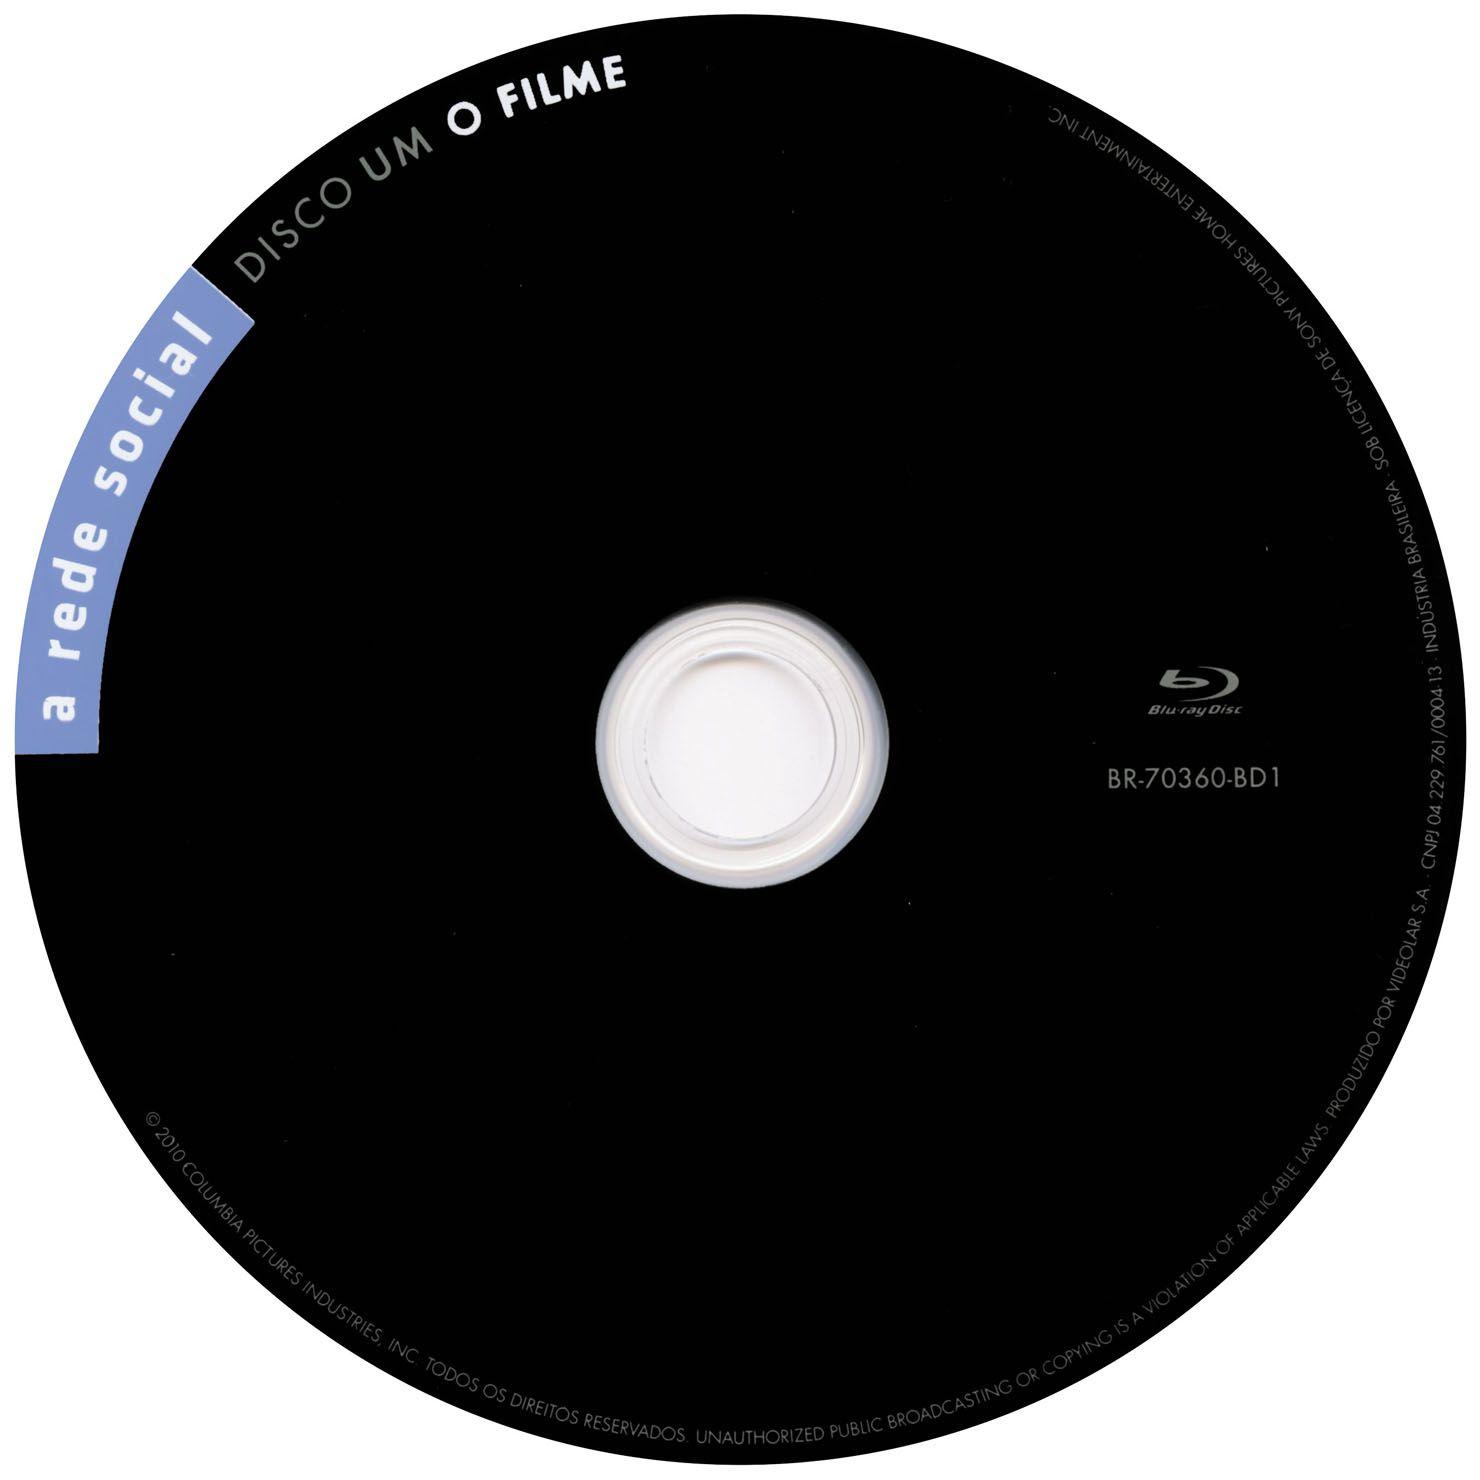 Label Bluray A Rede Social Disco Um O Filme